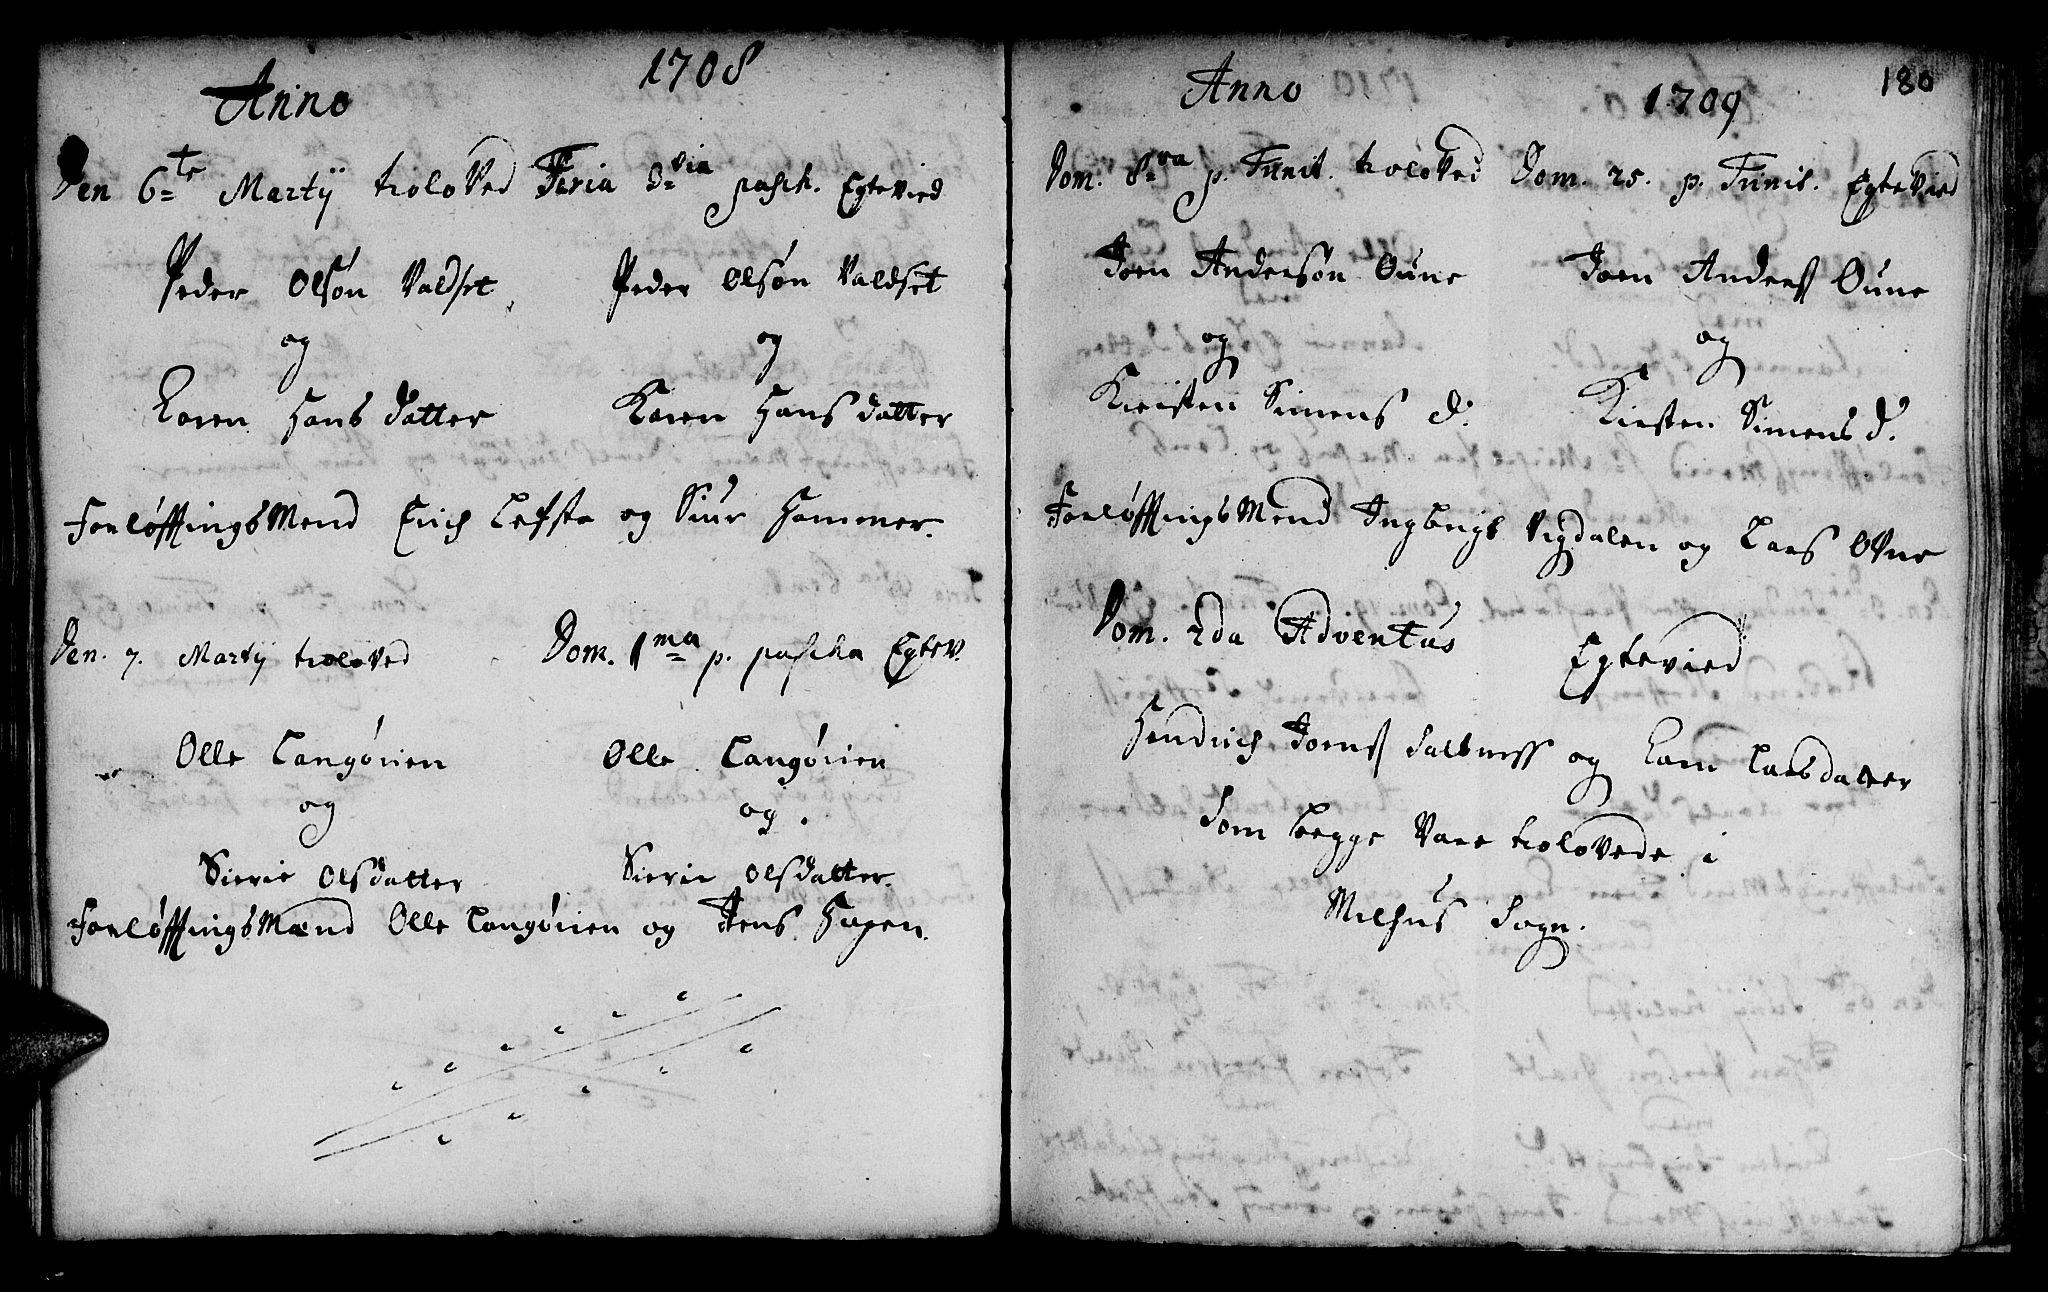 SAT, Ministerialprotokoller, klokkerbøker og fødselsregistre - Sør-Trøndelag, 666/L0783: Ministerialbok nr. 666A01, 1702-1753, s. 180